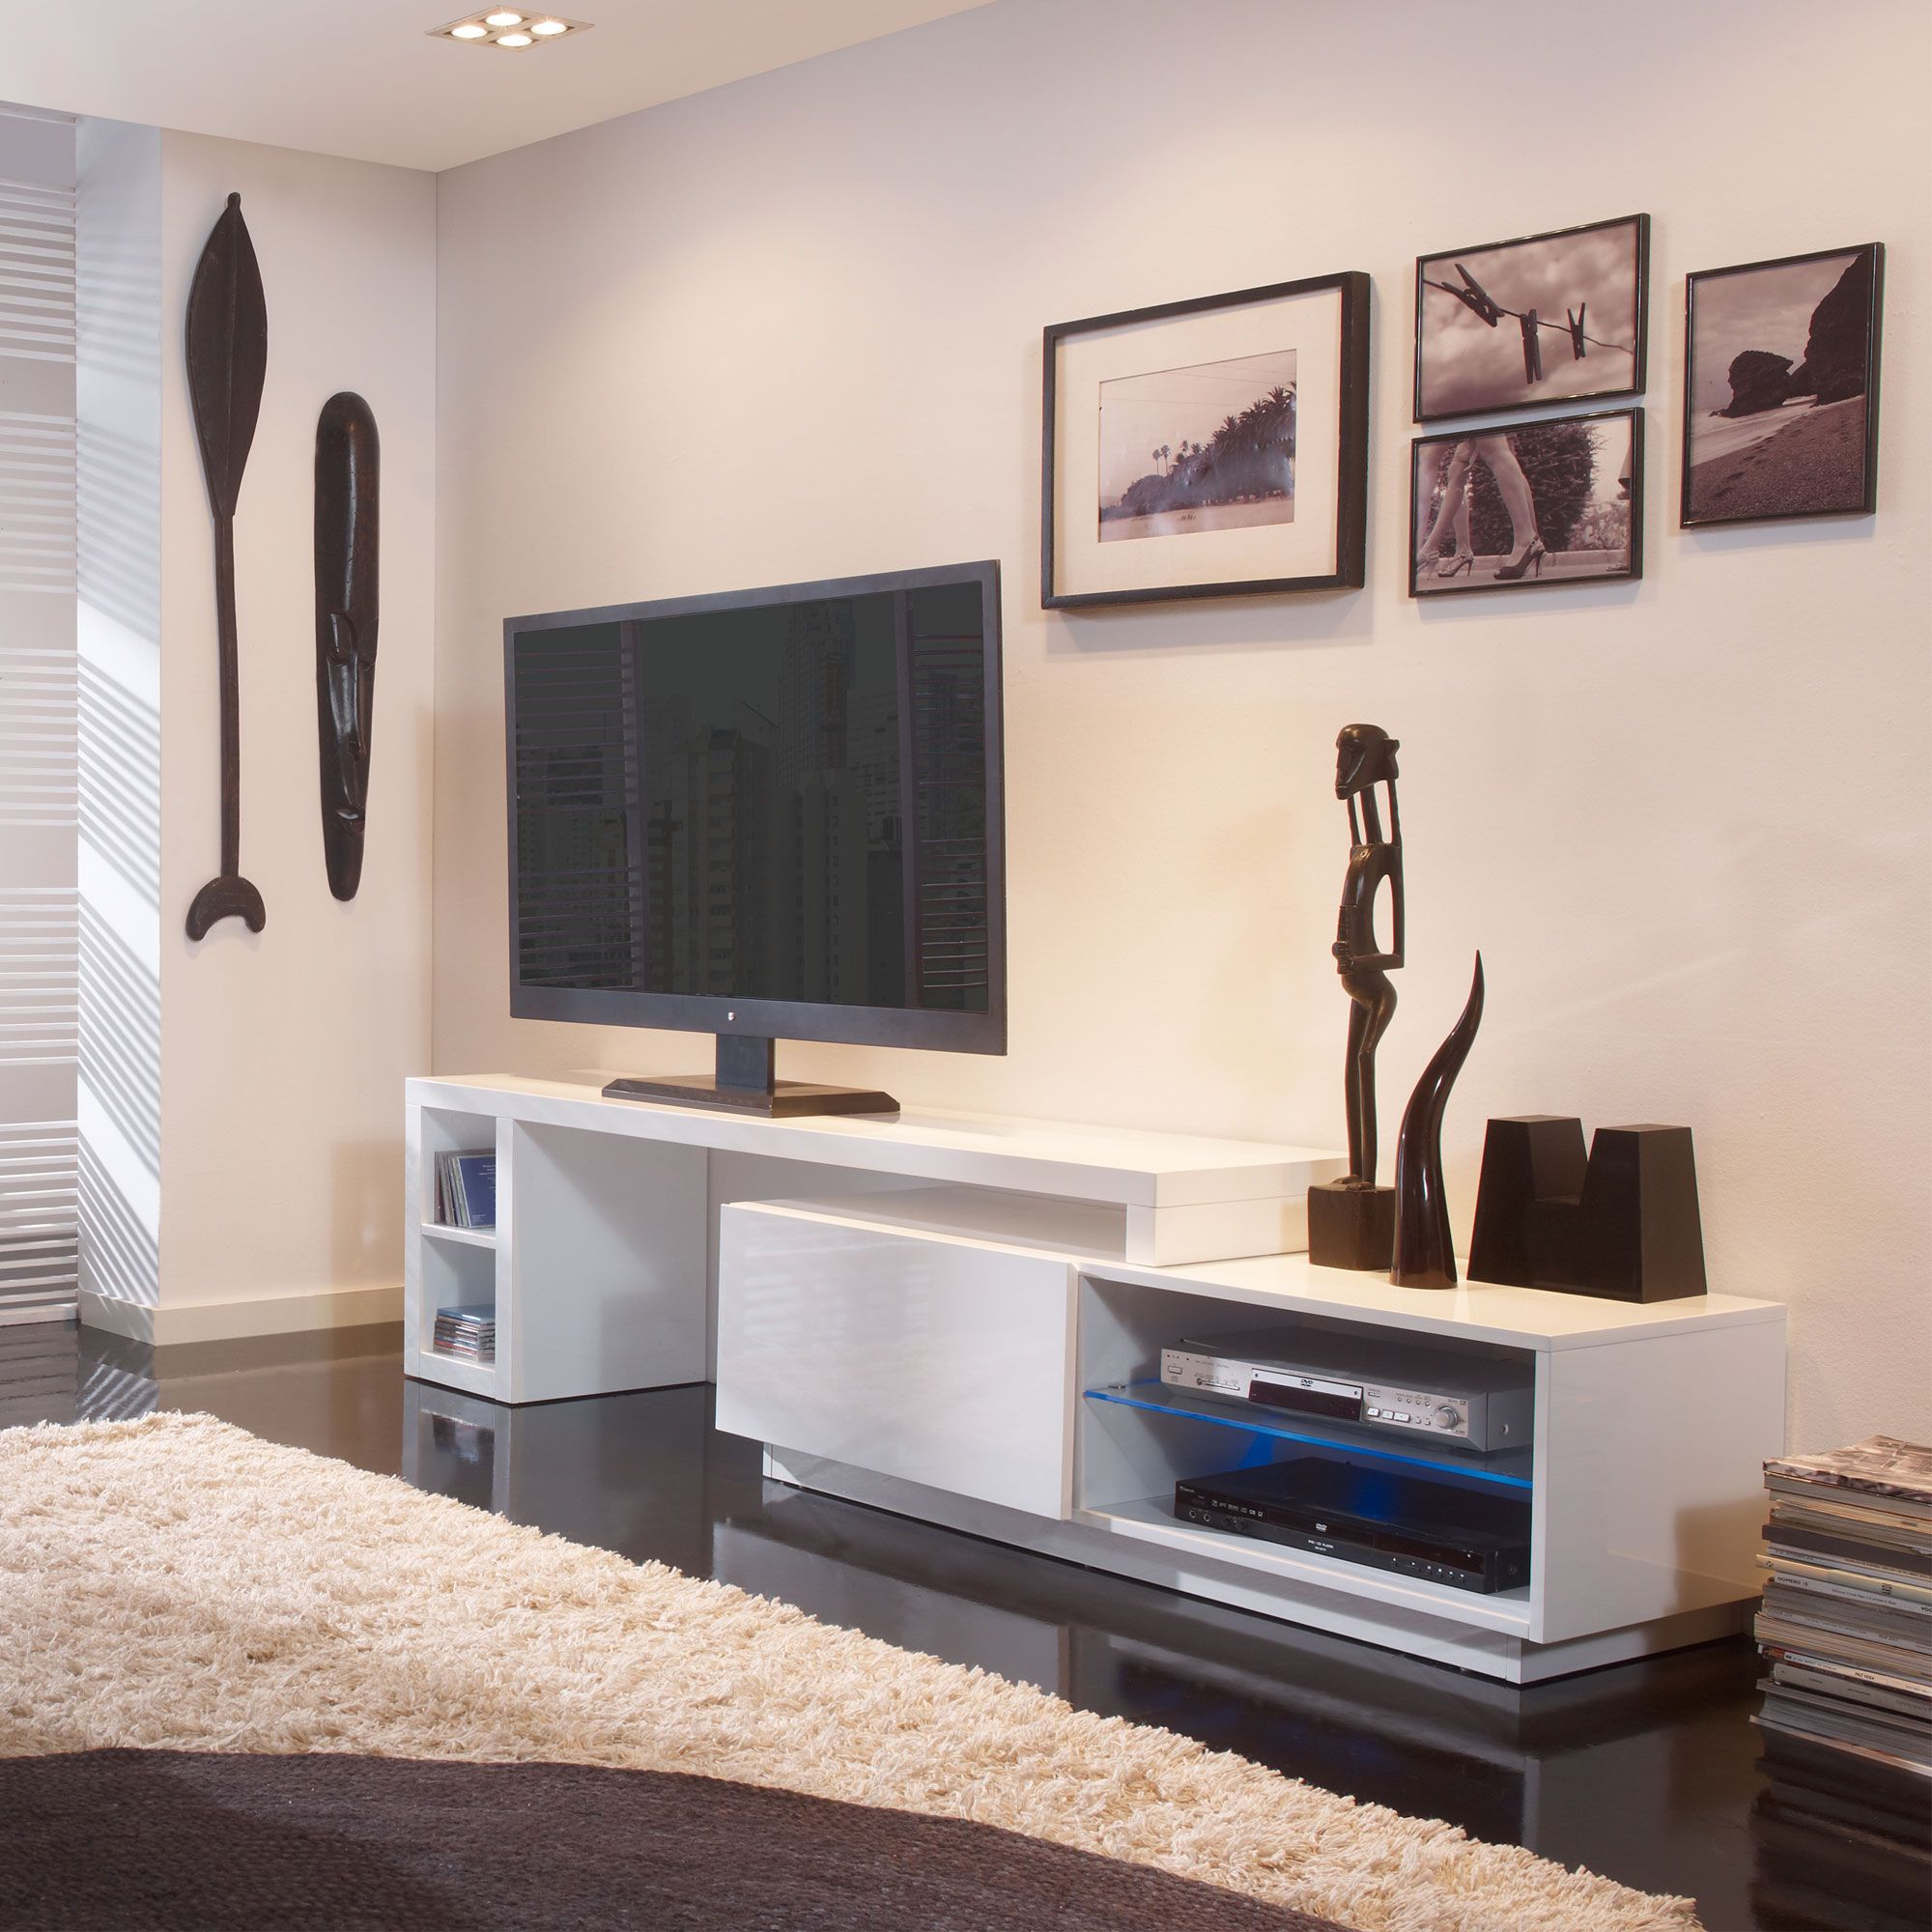 Meuble TV bas en bois laqué avec LED Longueur 160 286cm GALSTON